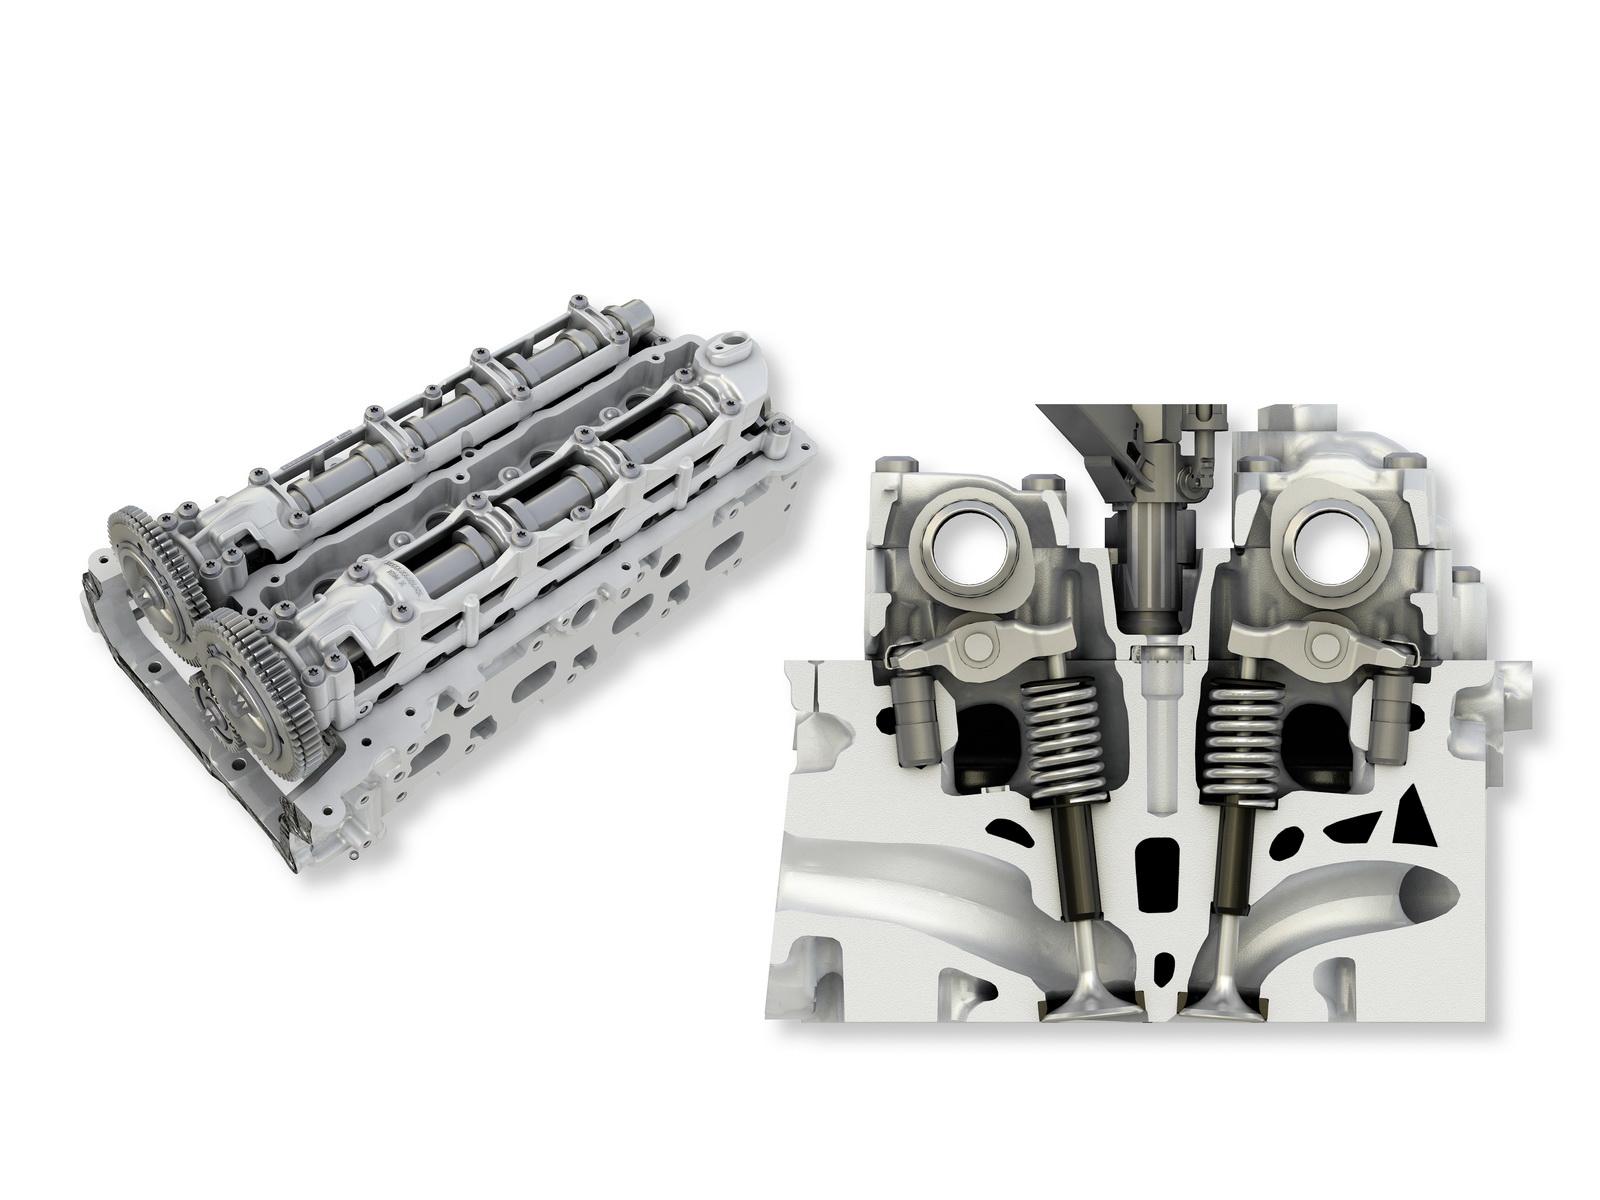 Mercedes E-Class sẽ sử dụng động cơ Diesel mới 3,9 lít/100km